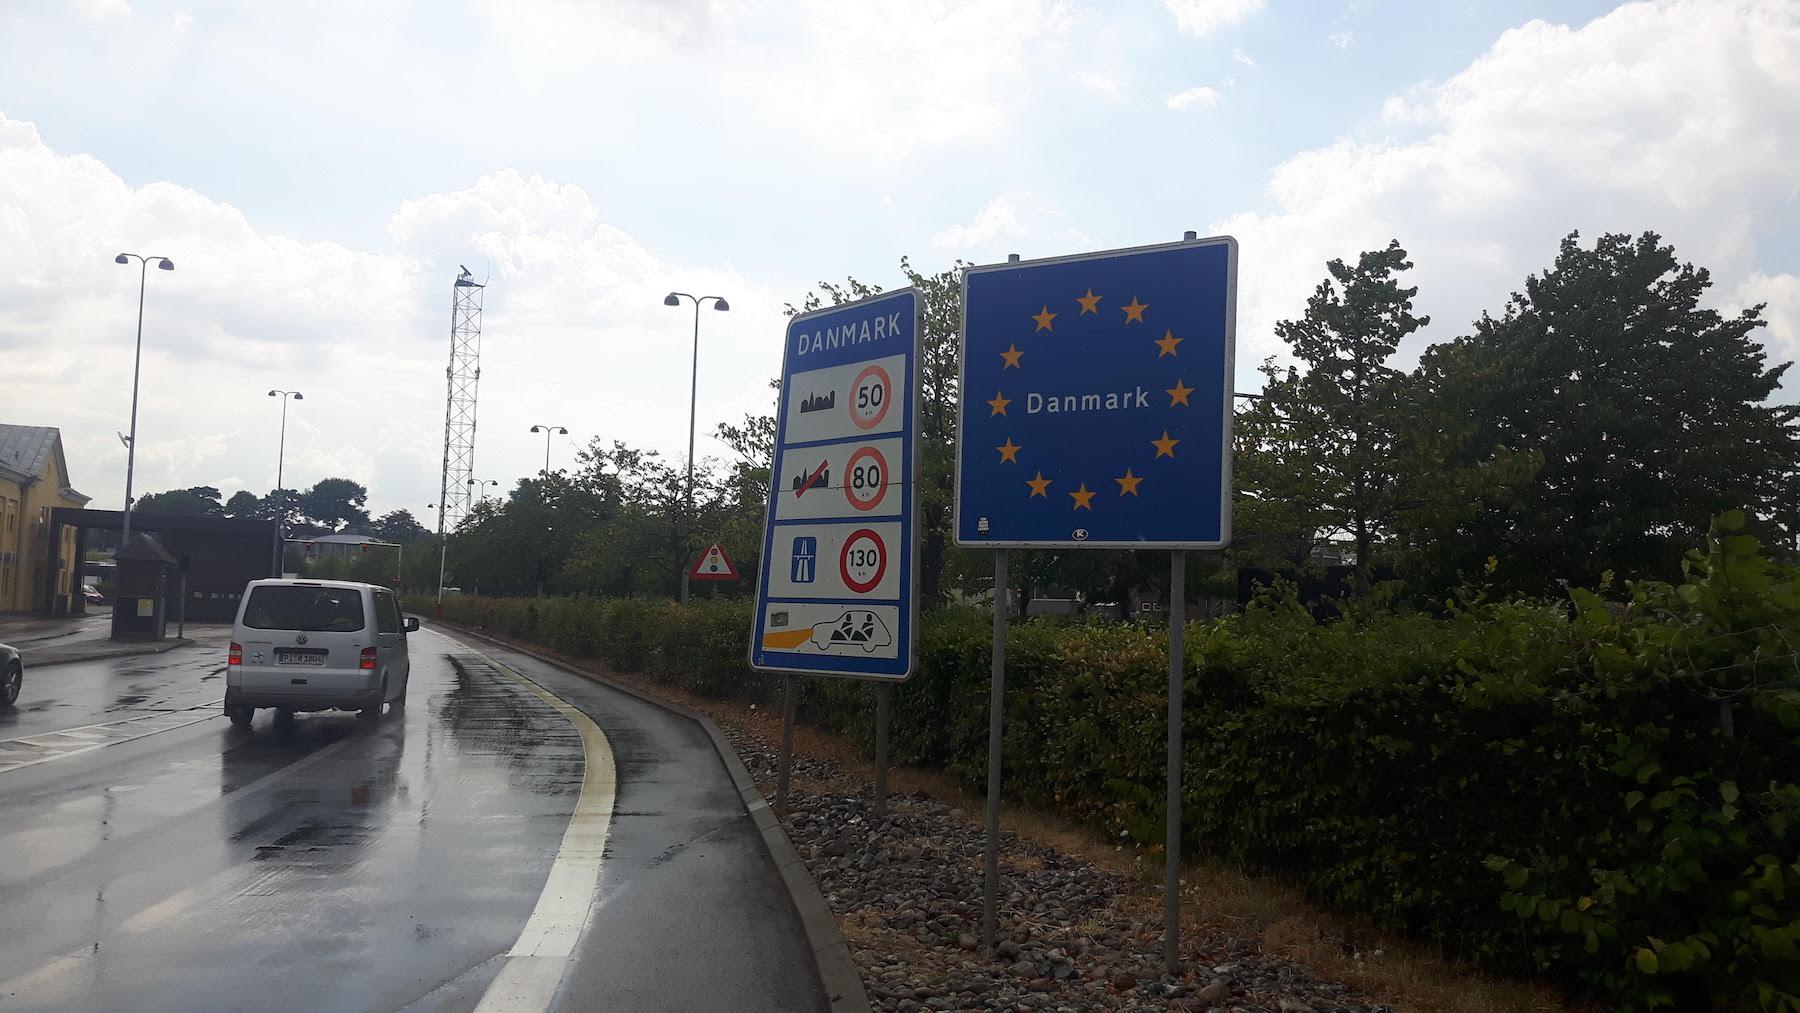 Entering Denmark In Helsingor